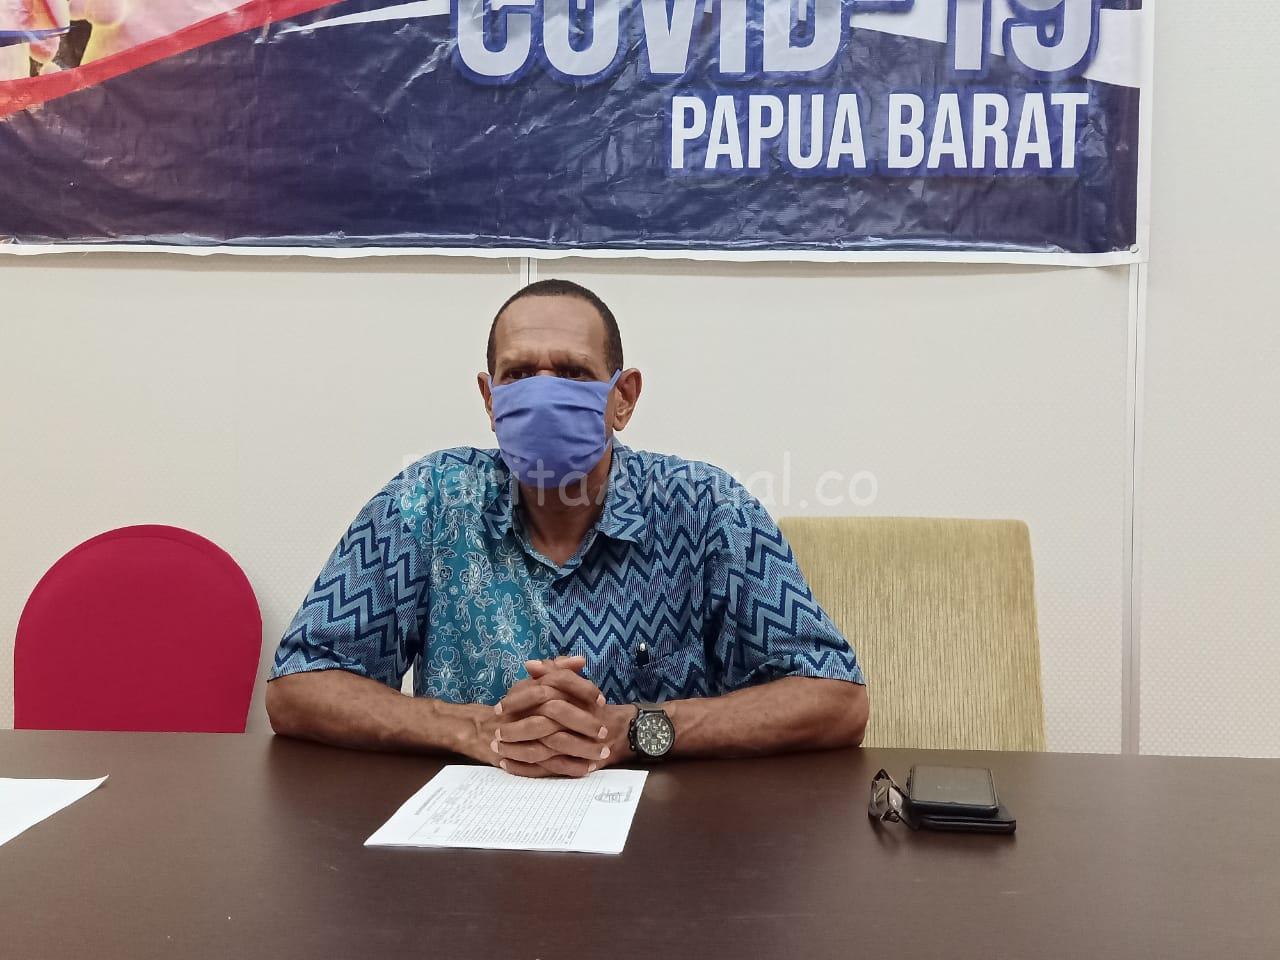 Update Terbaru, Tambah 5 Pasien Positif Covid-19 Total di Papua Barat 13 Orang 4 IMG 20200423 WA0076